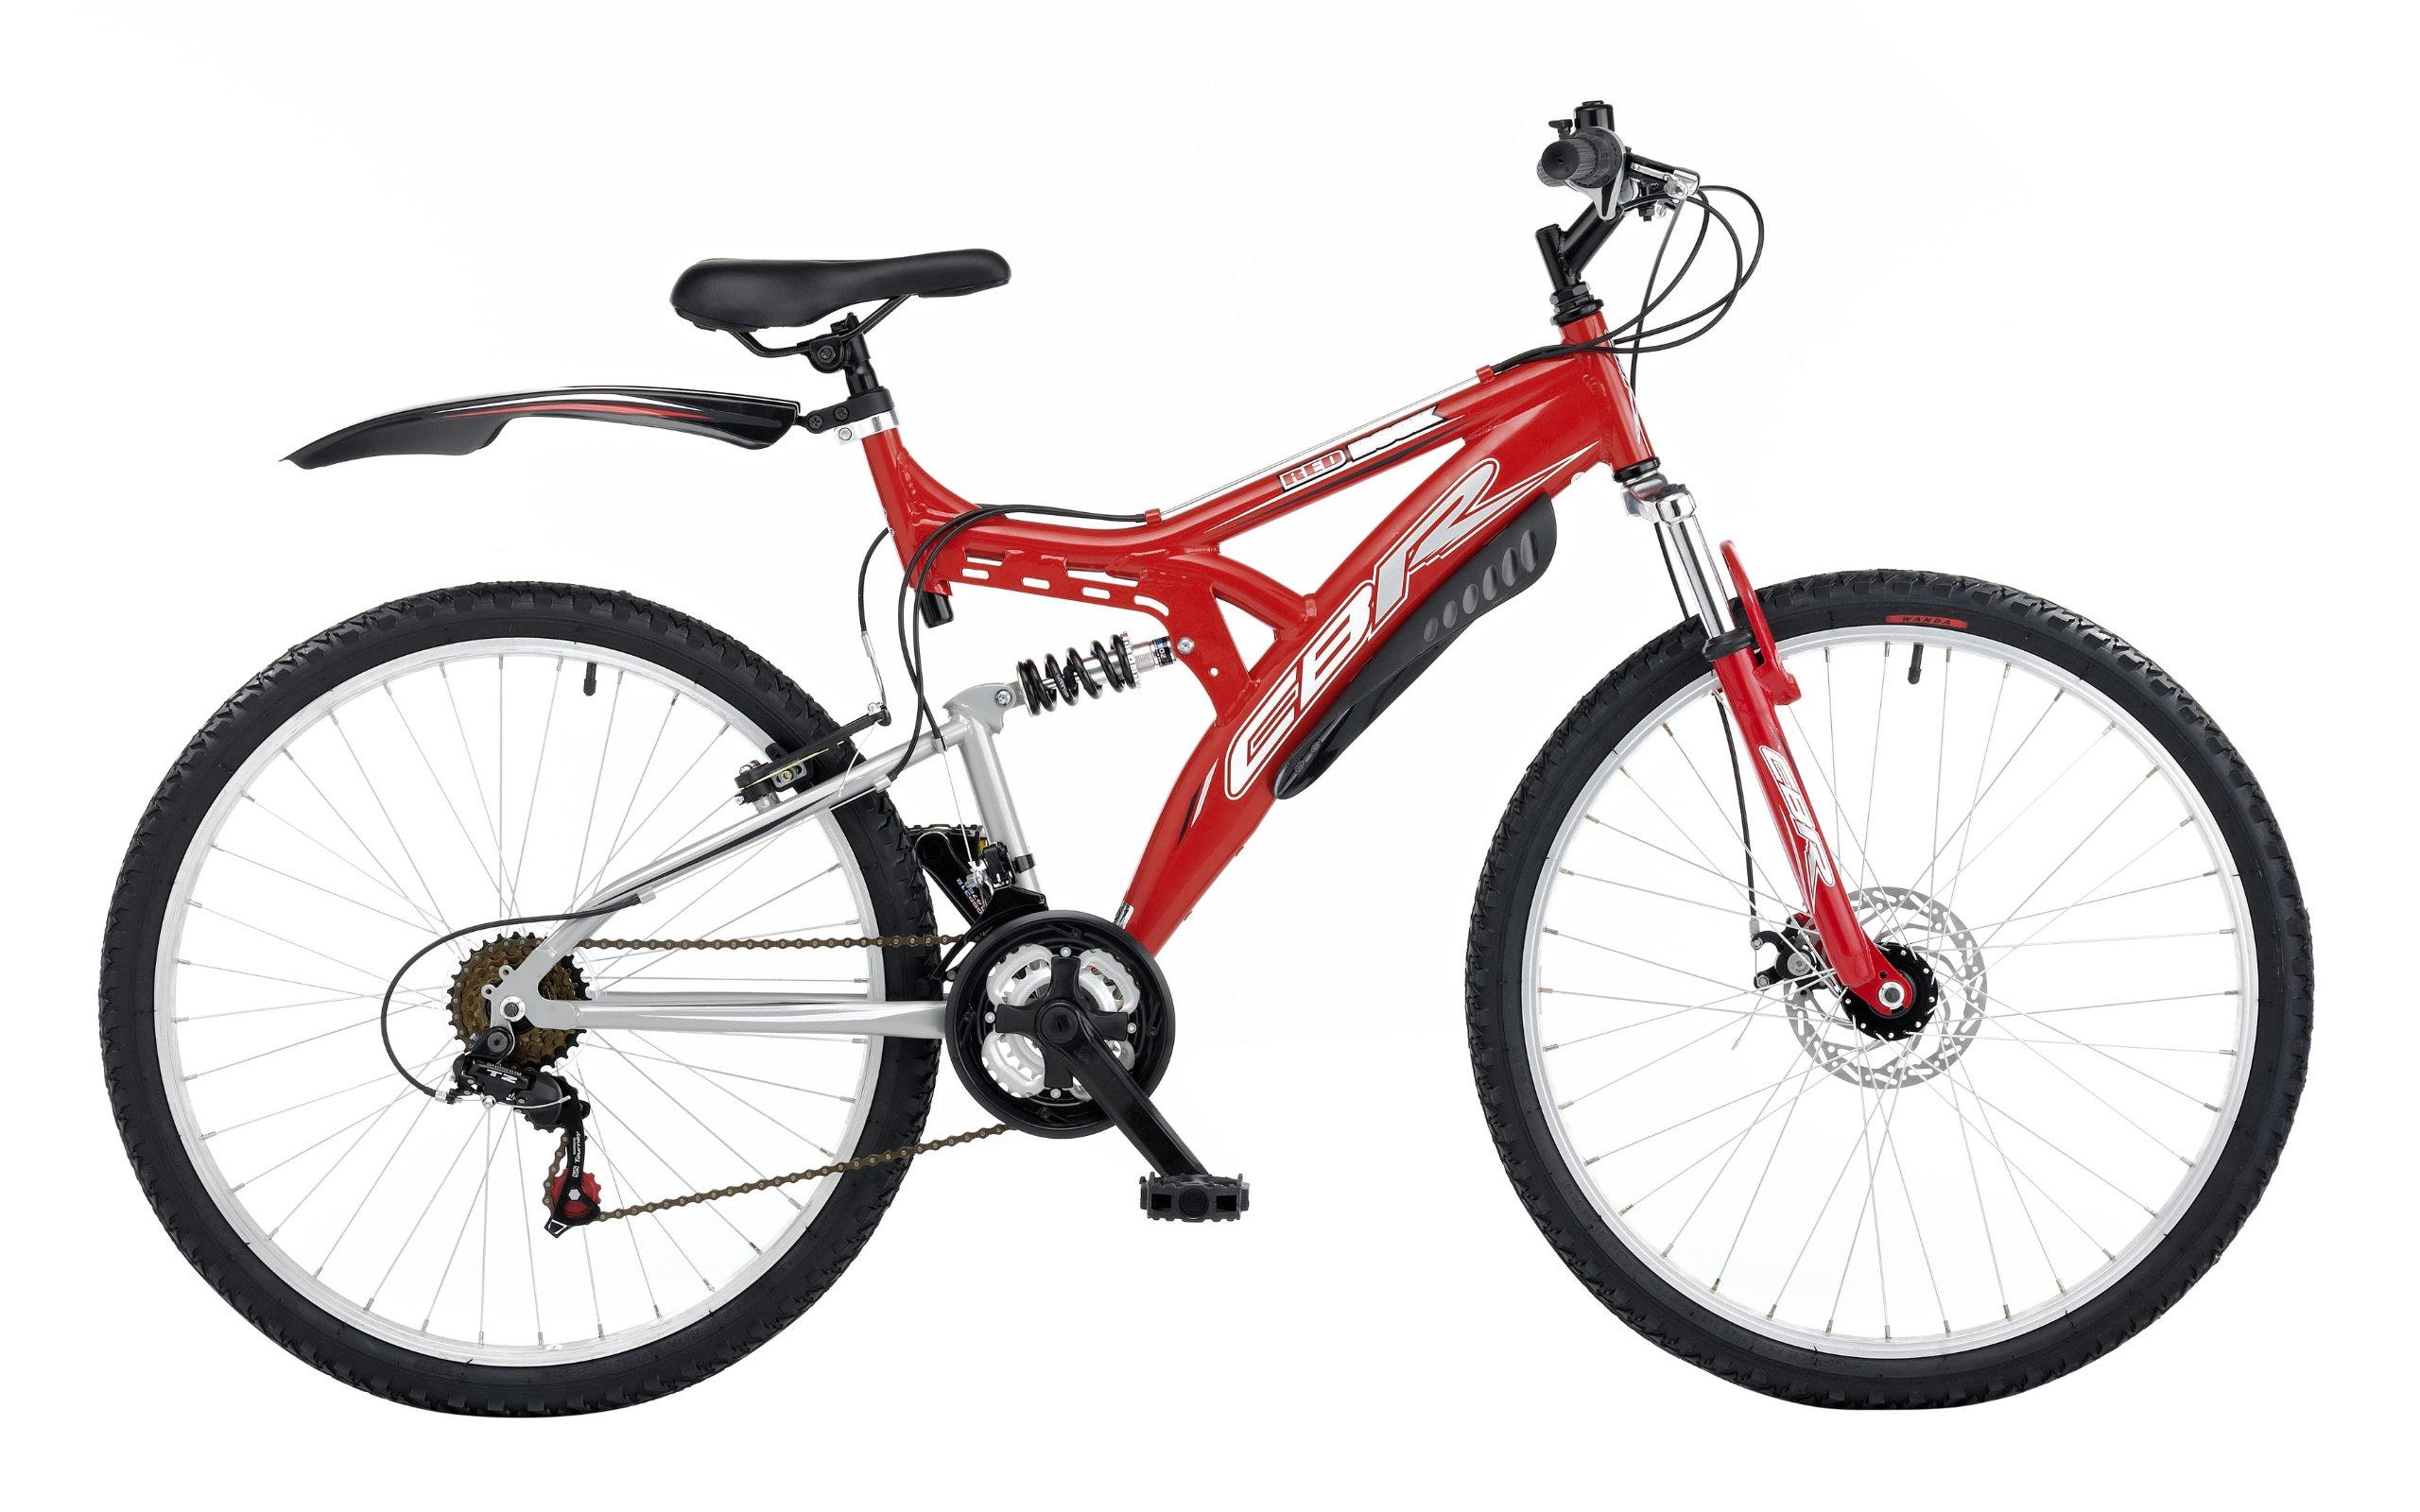 CBR 9679180 - Bicicleta de montaña para Hombre, Talla M (165-172 cm), Color Rojo: Amazon.es: Deportes y aire libre